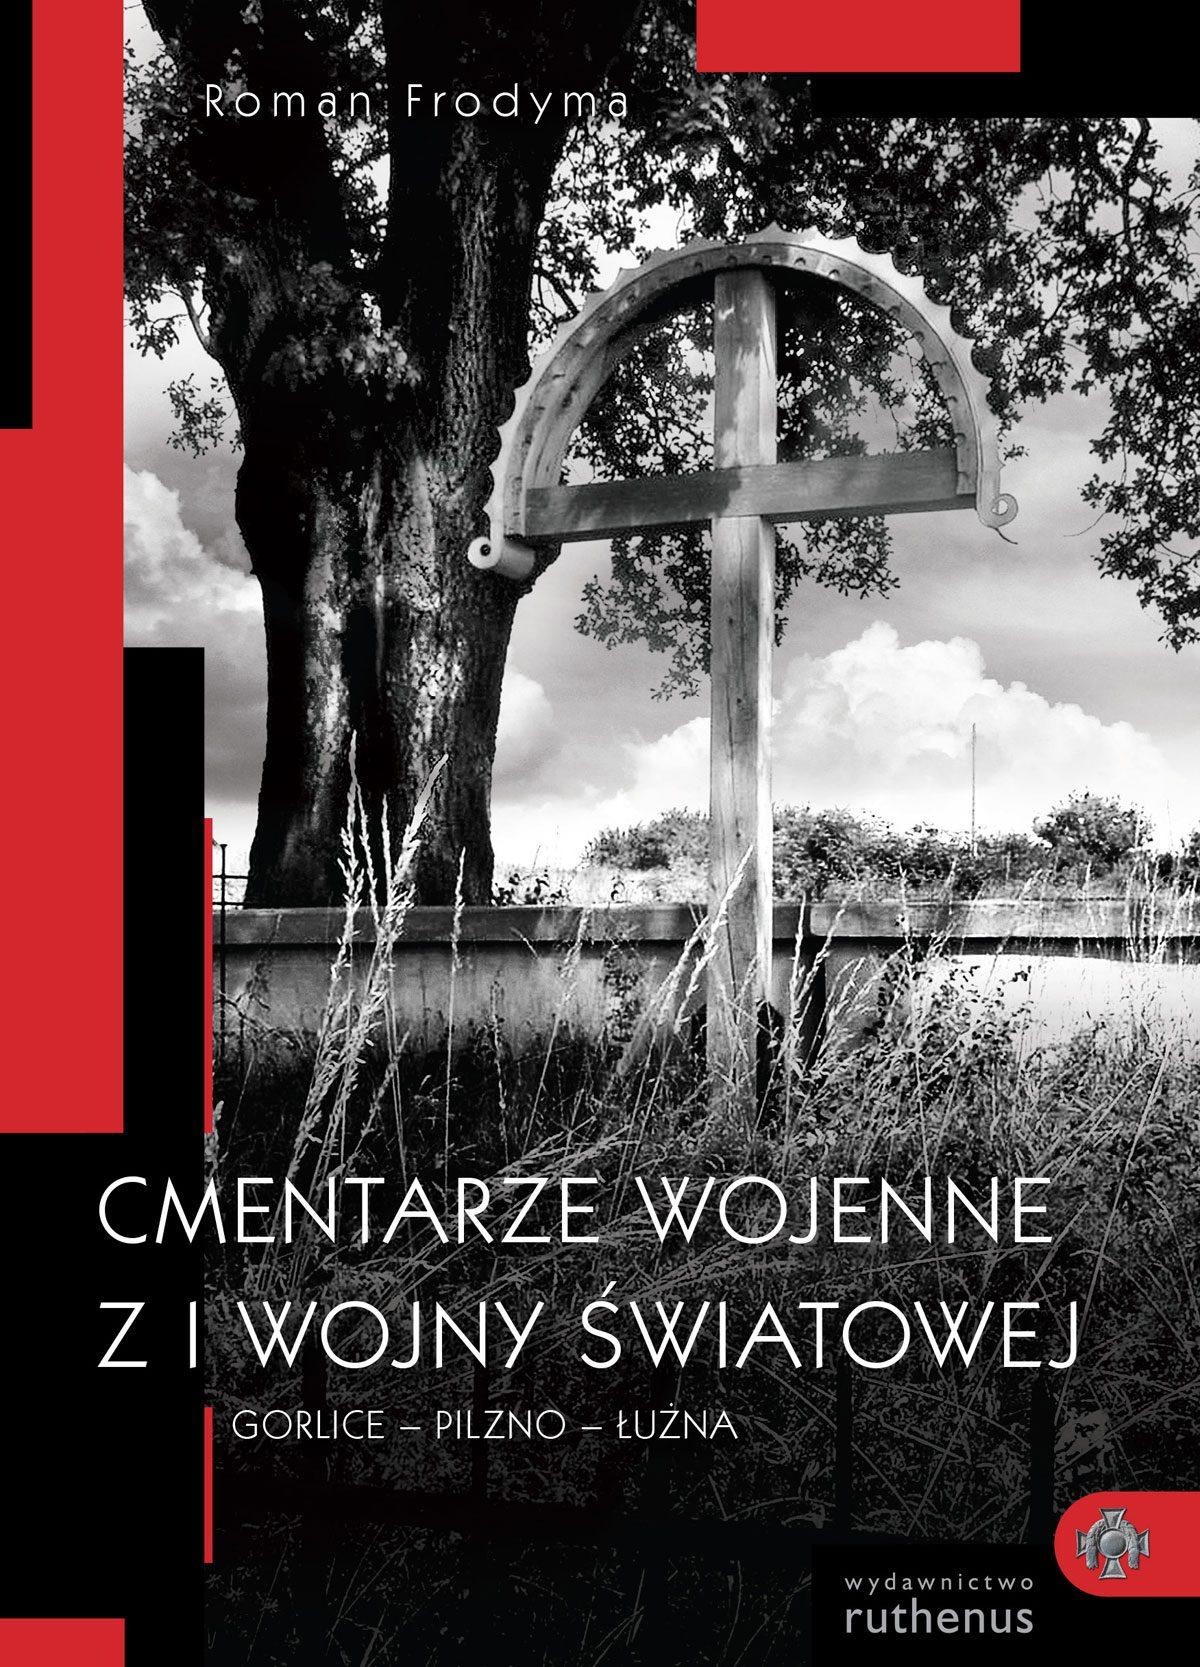 Cmentarze wojenne z I wojny światowej – Romana Frodymy